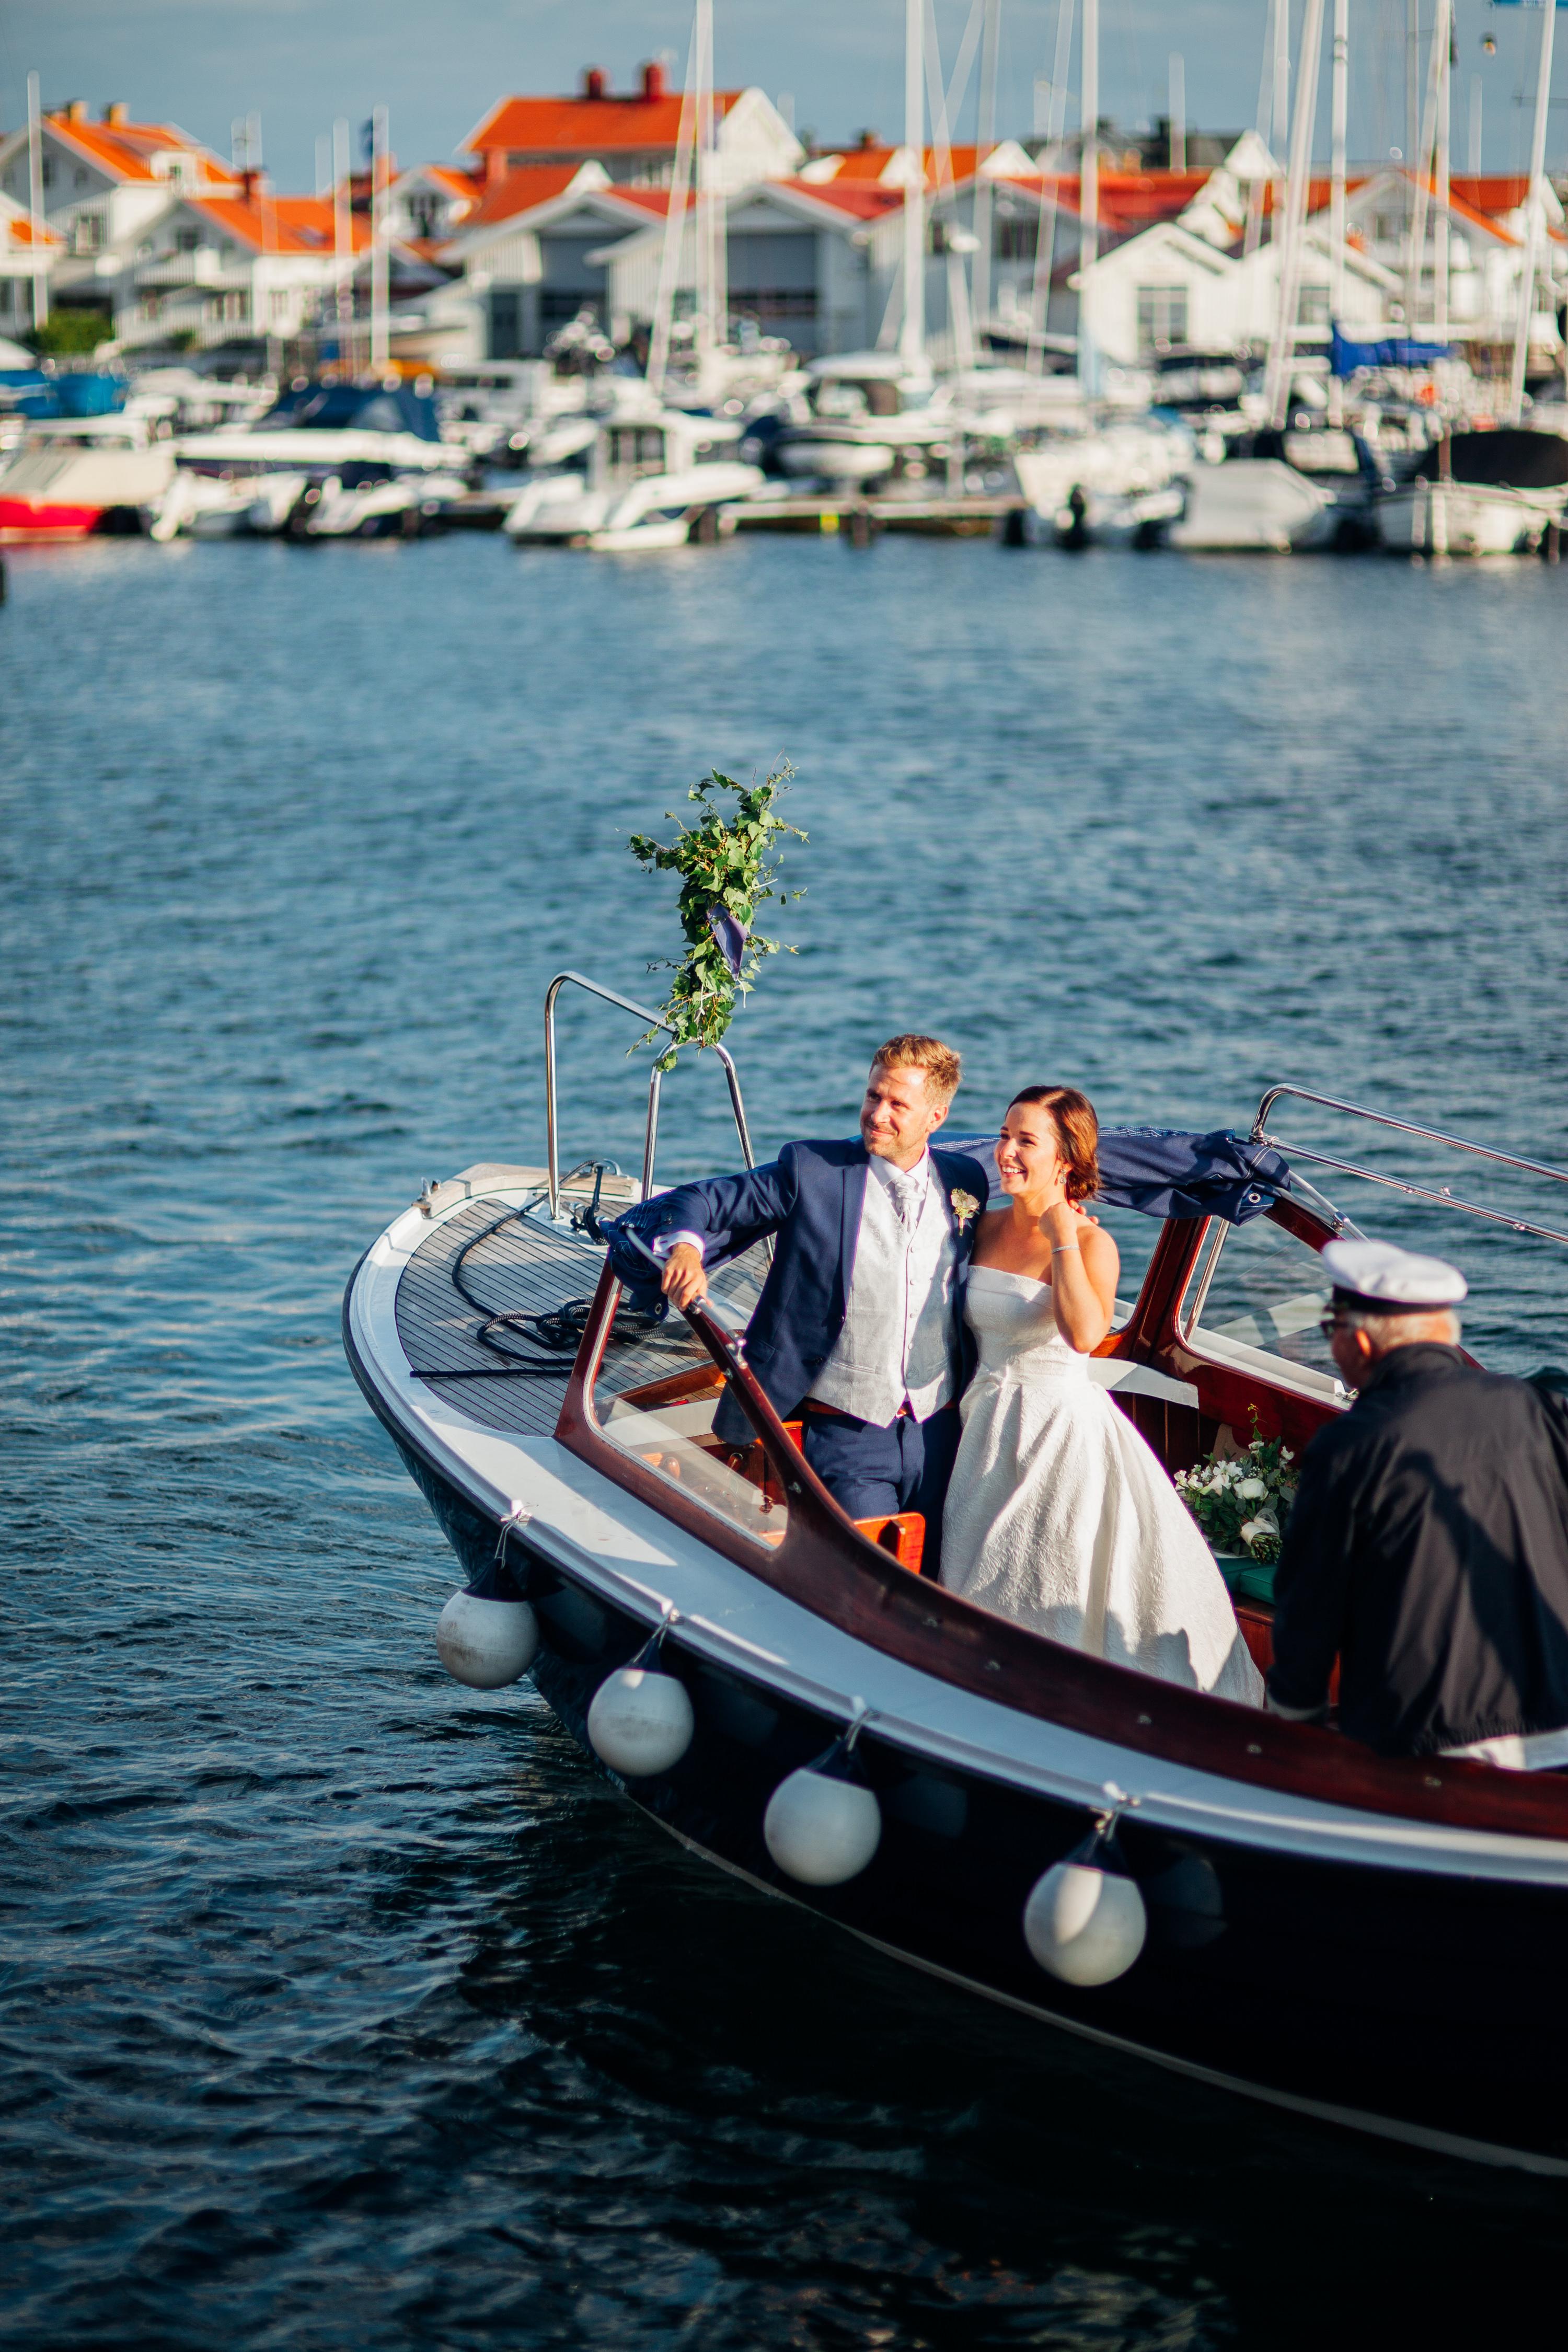 https://granslosabrollop.se/wp-content/uploads/2018/10/624-Christine-Hannes-Marstrand-Ulrika-Norman-Fotograf.jpg